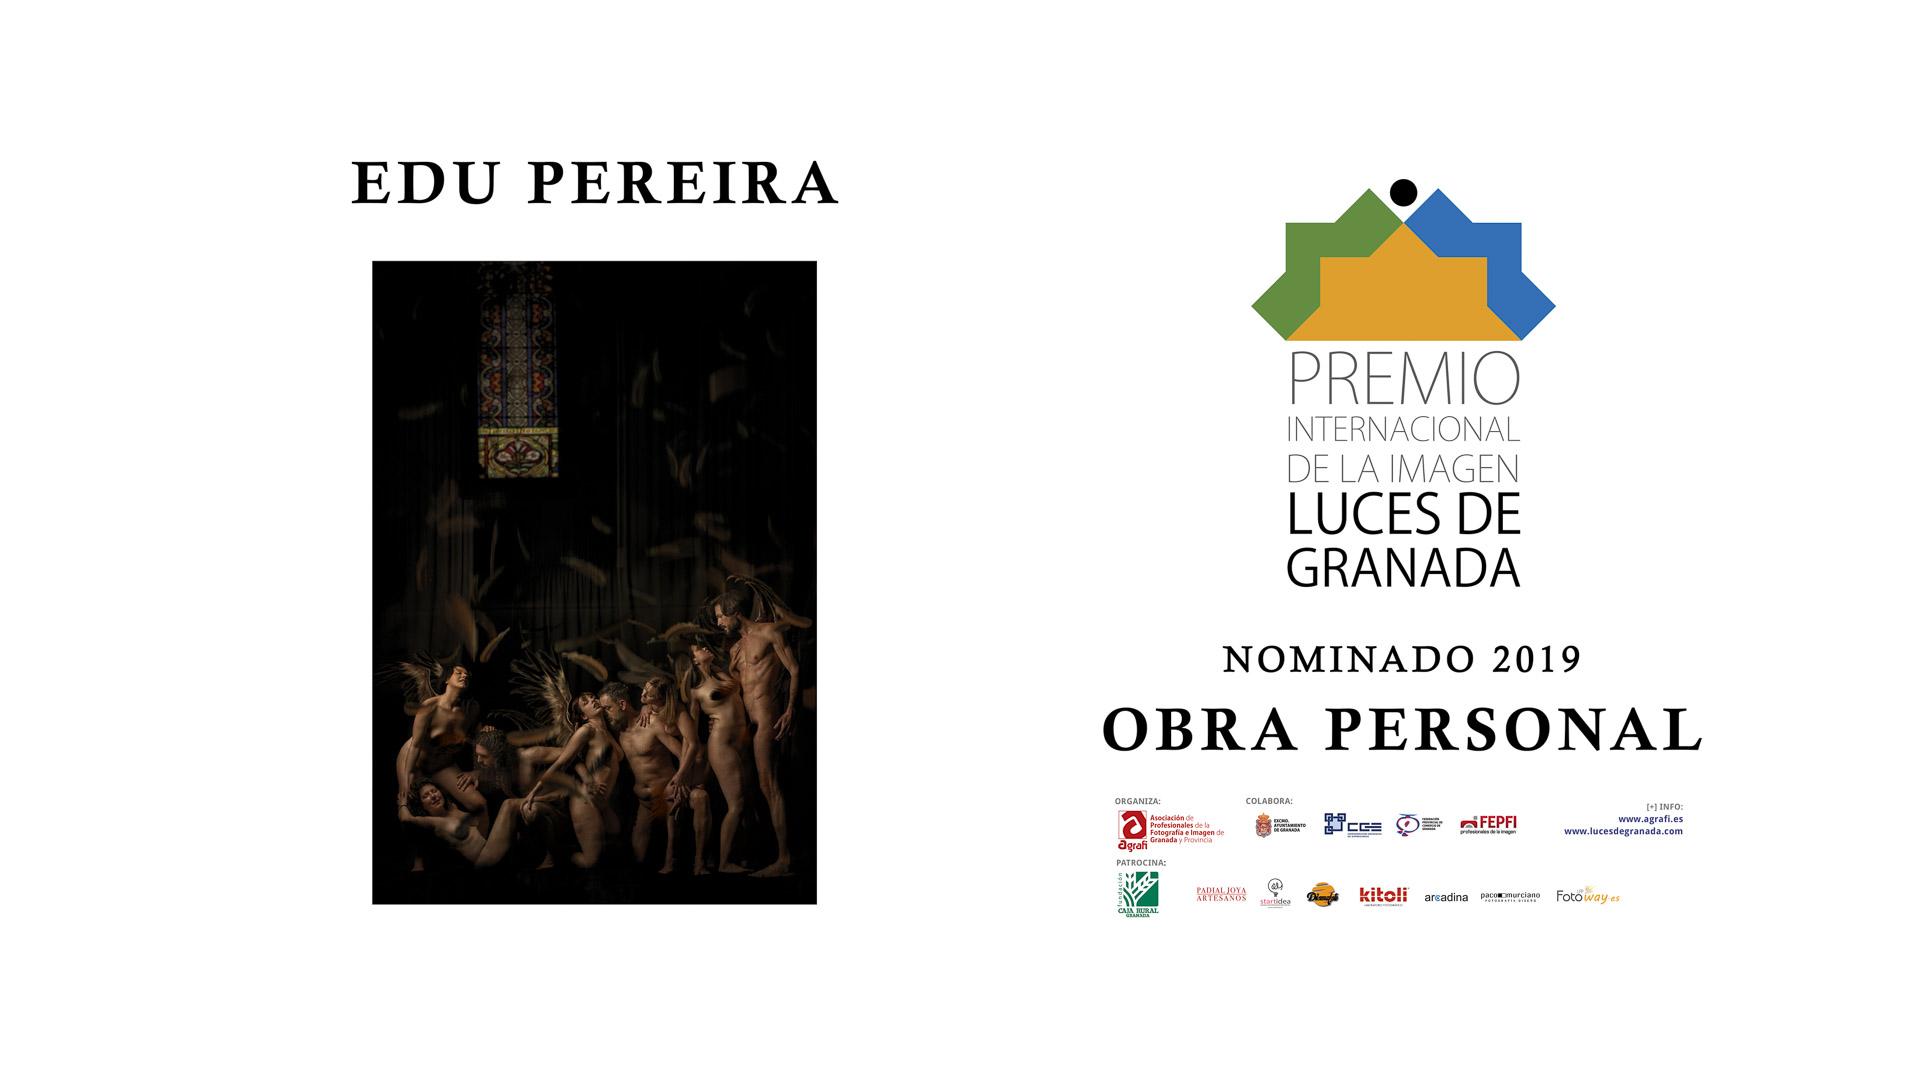 OP47_EDU PEREIRA